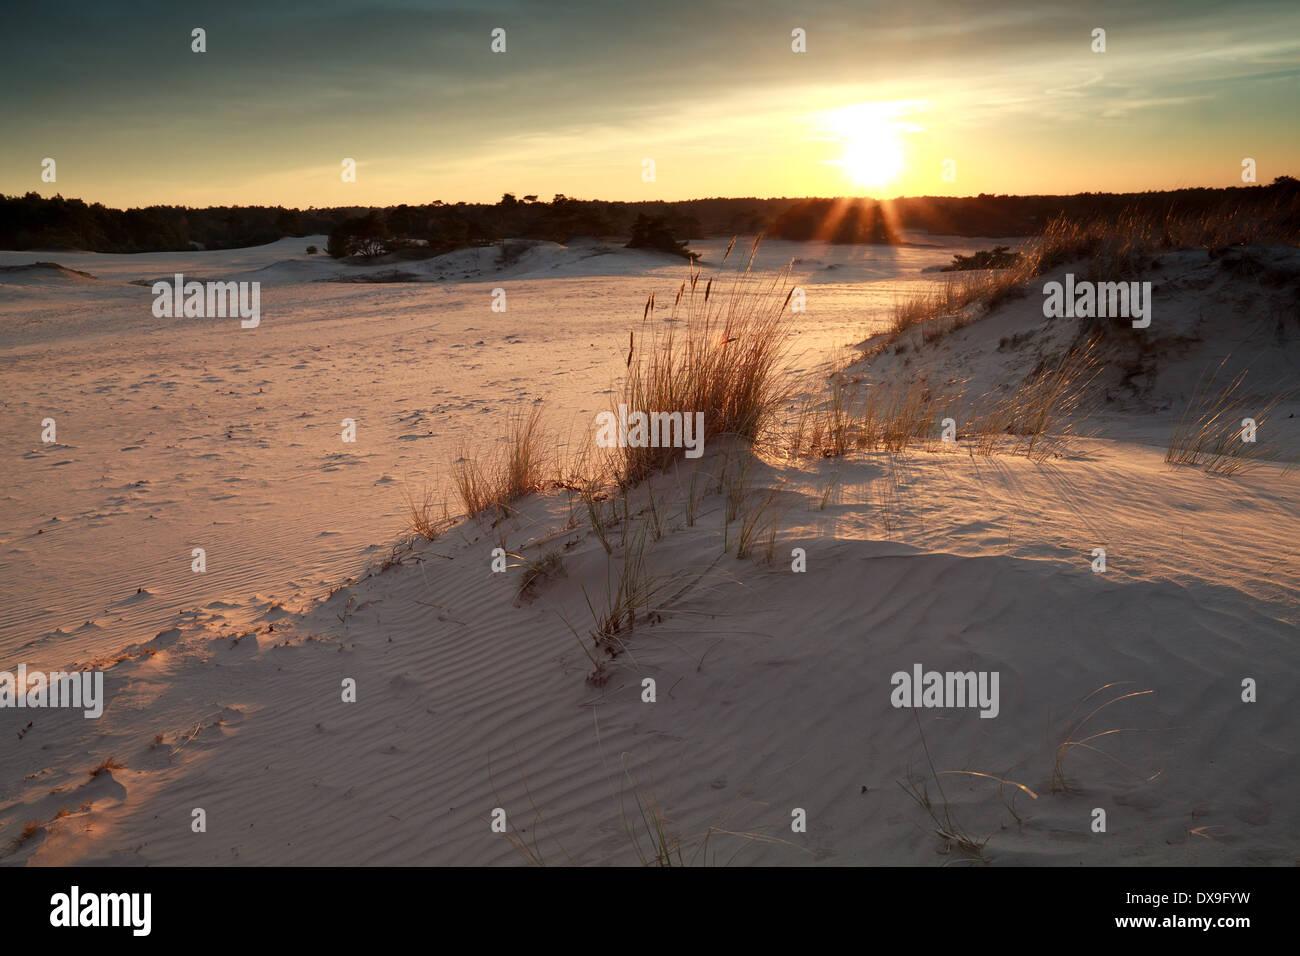 gold sunset over sand dunes, Gelderland, Netherlands - Stock Image